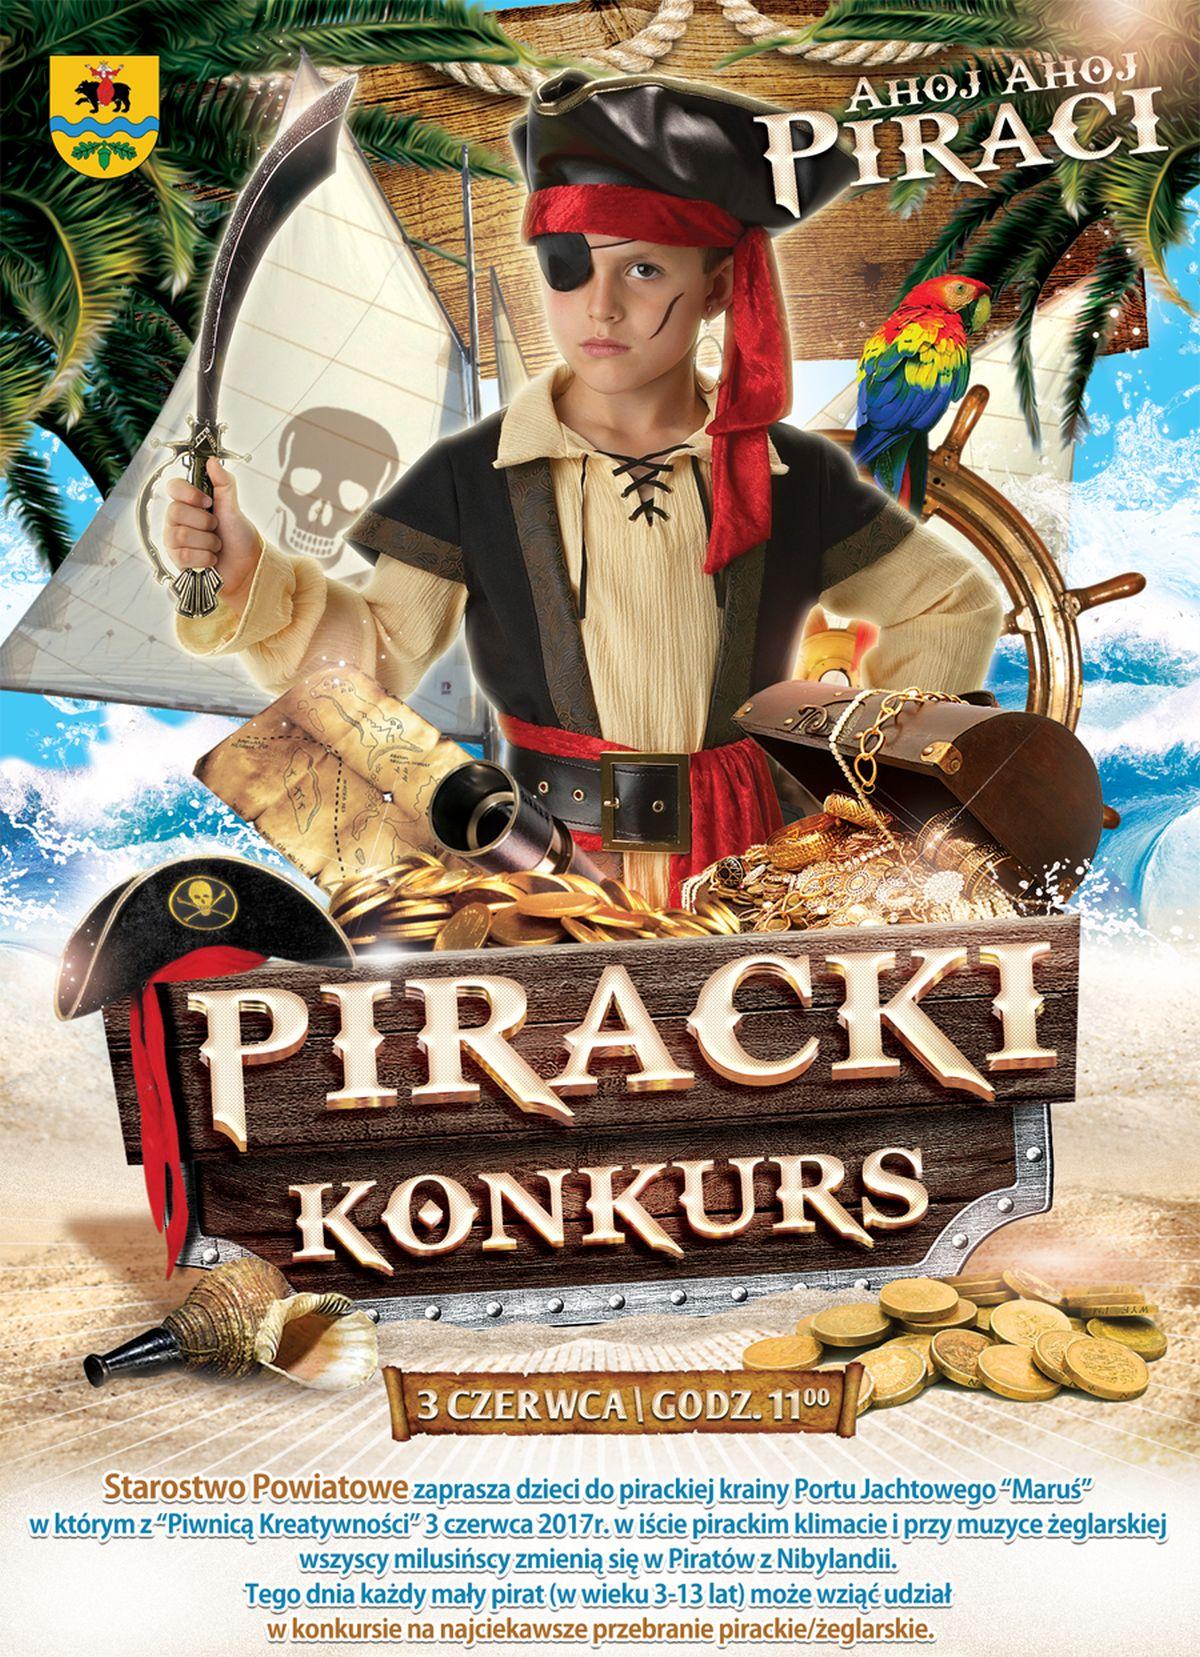 Piraci.jpg